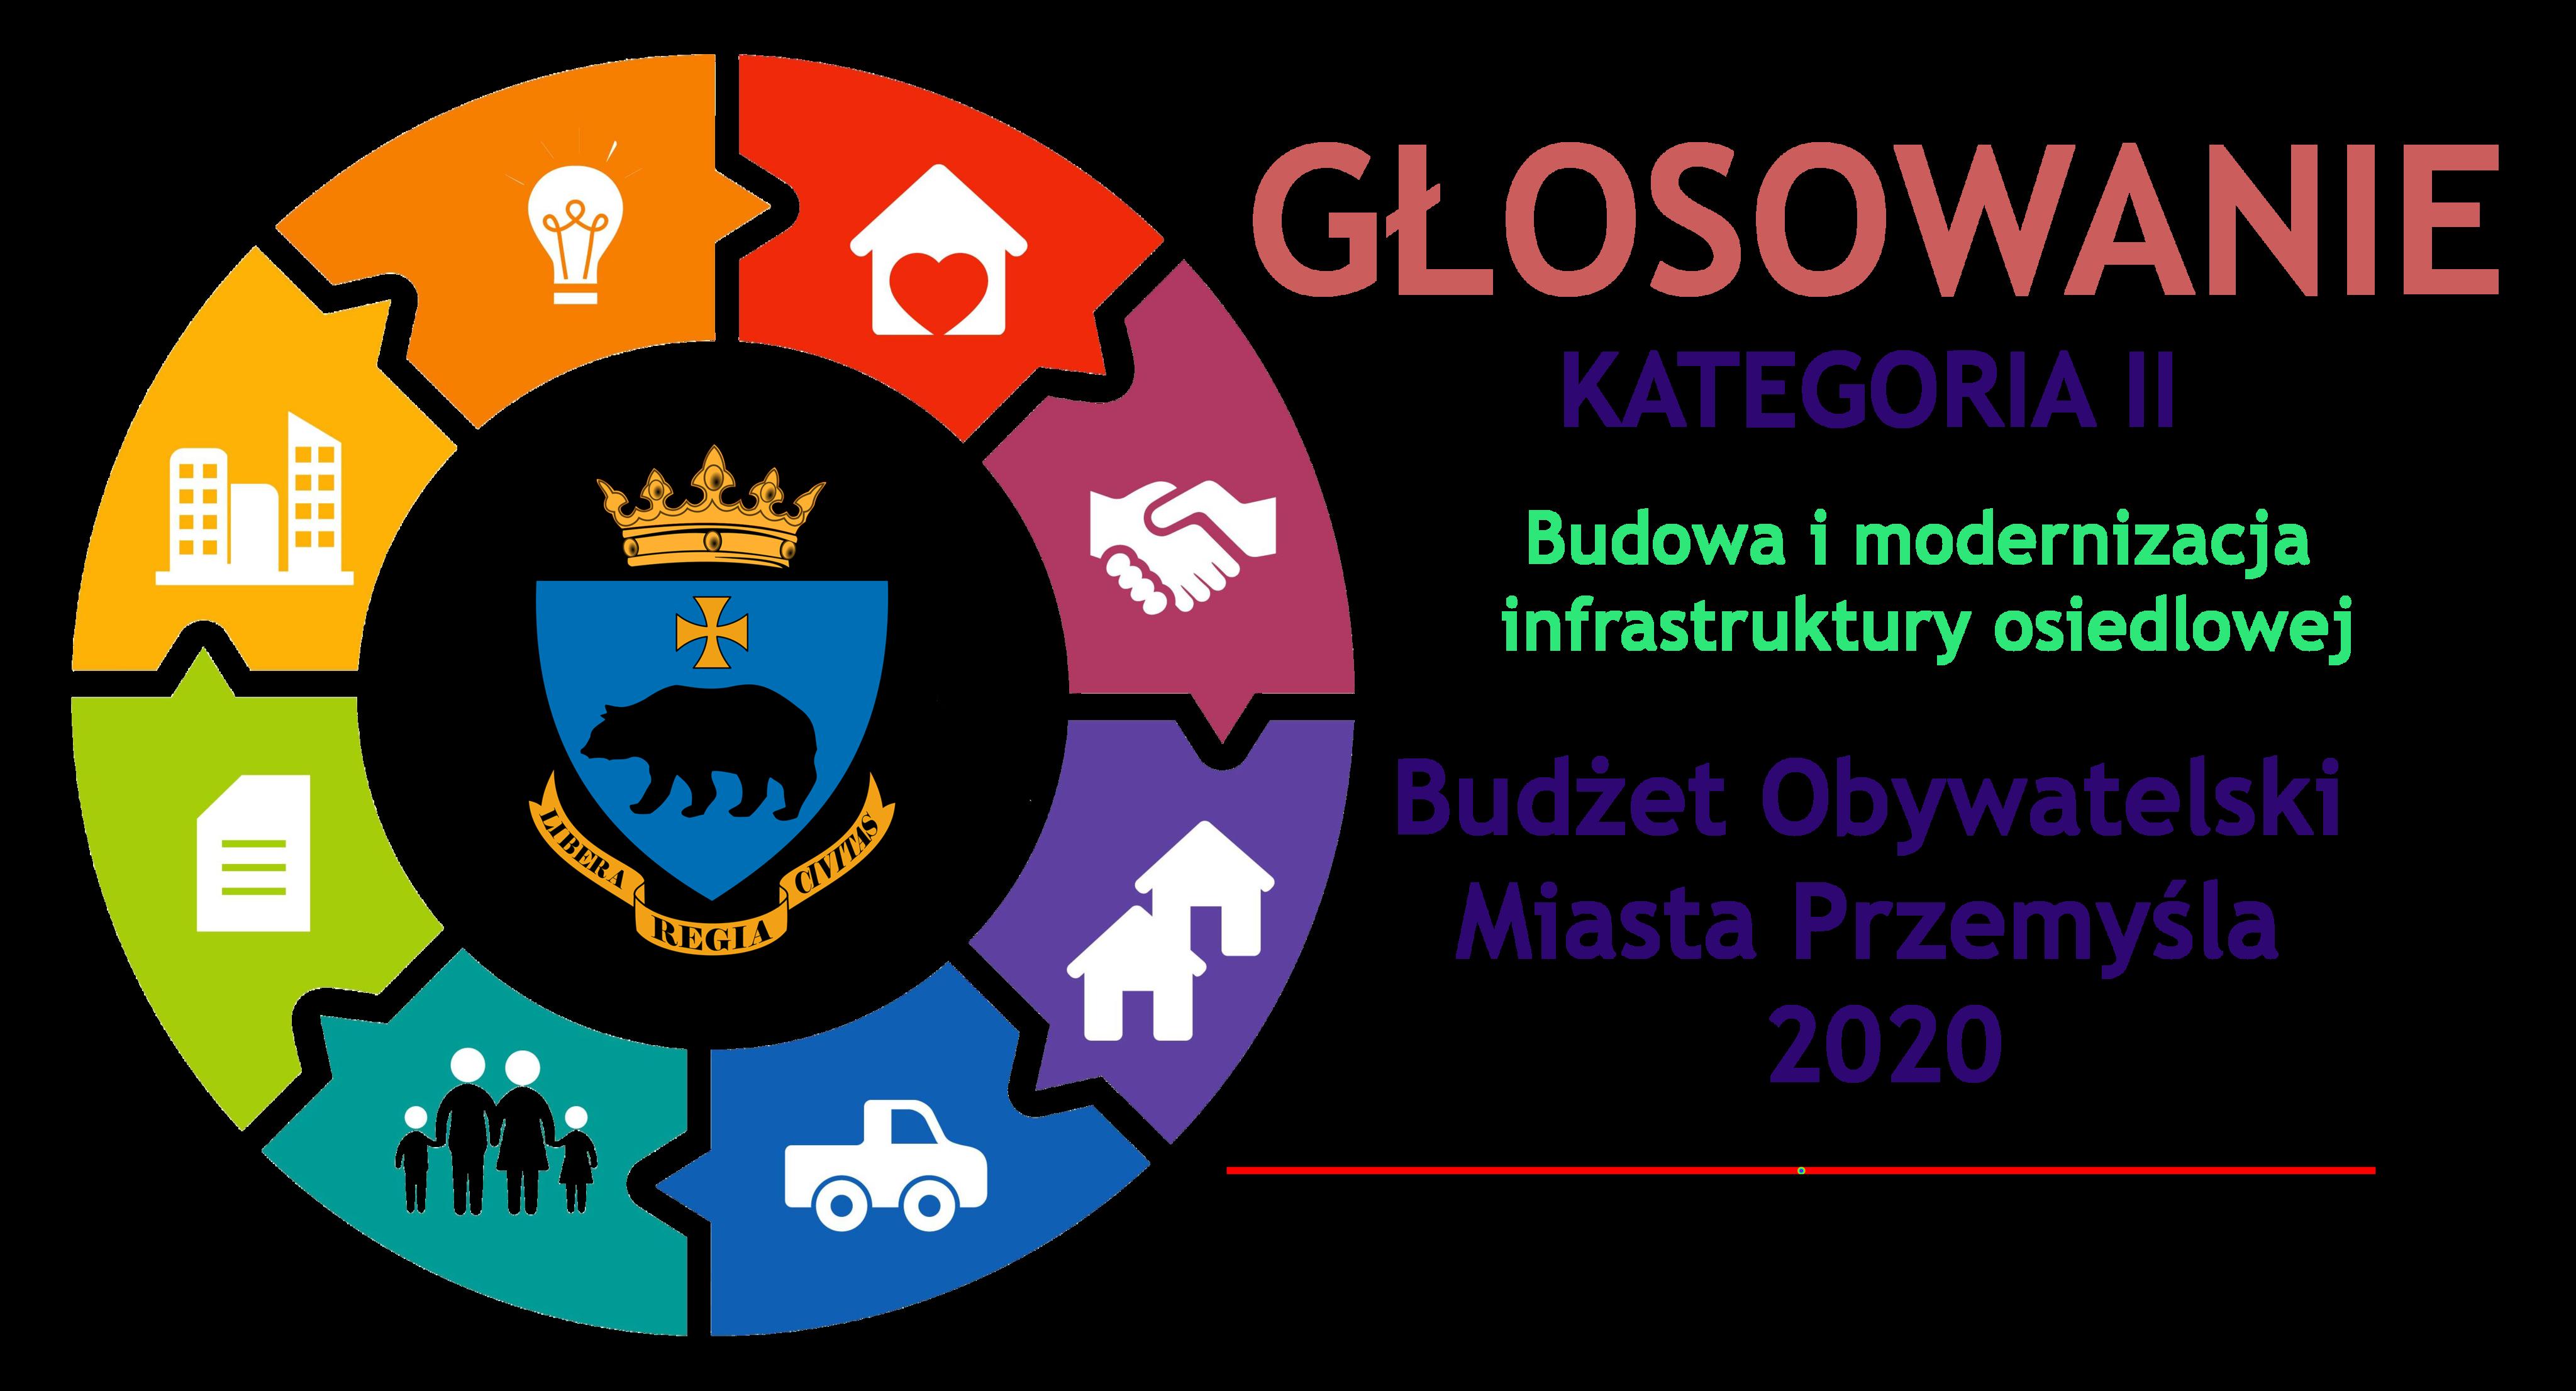 Grafika informująca o głosowaniu w Budżecie Obywatelskim Miasta Przemyśla na 2020 rok. Kategoria 2 -  zadania związane z budową i modernizacją infrastruktury osiedlowej.